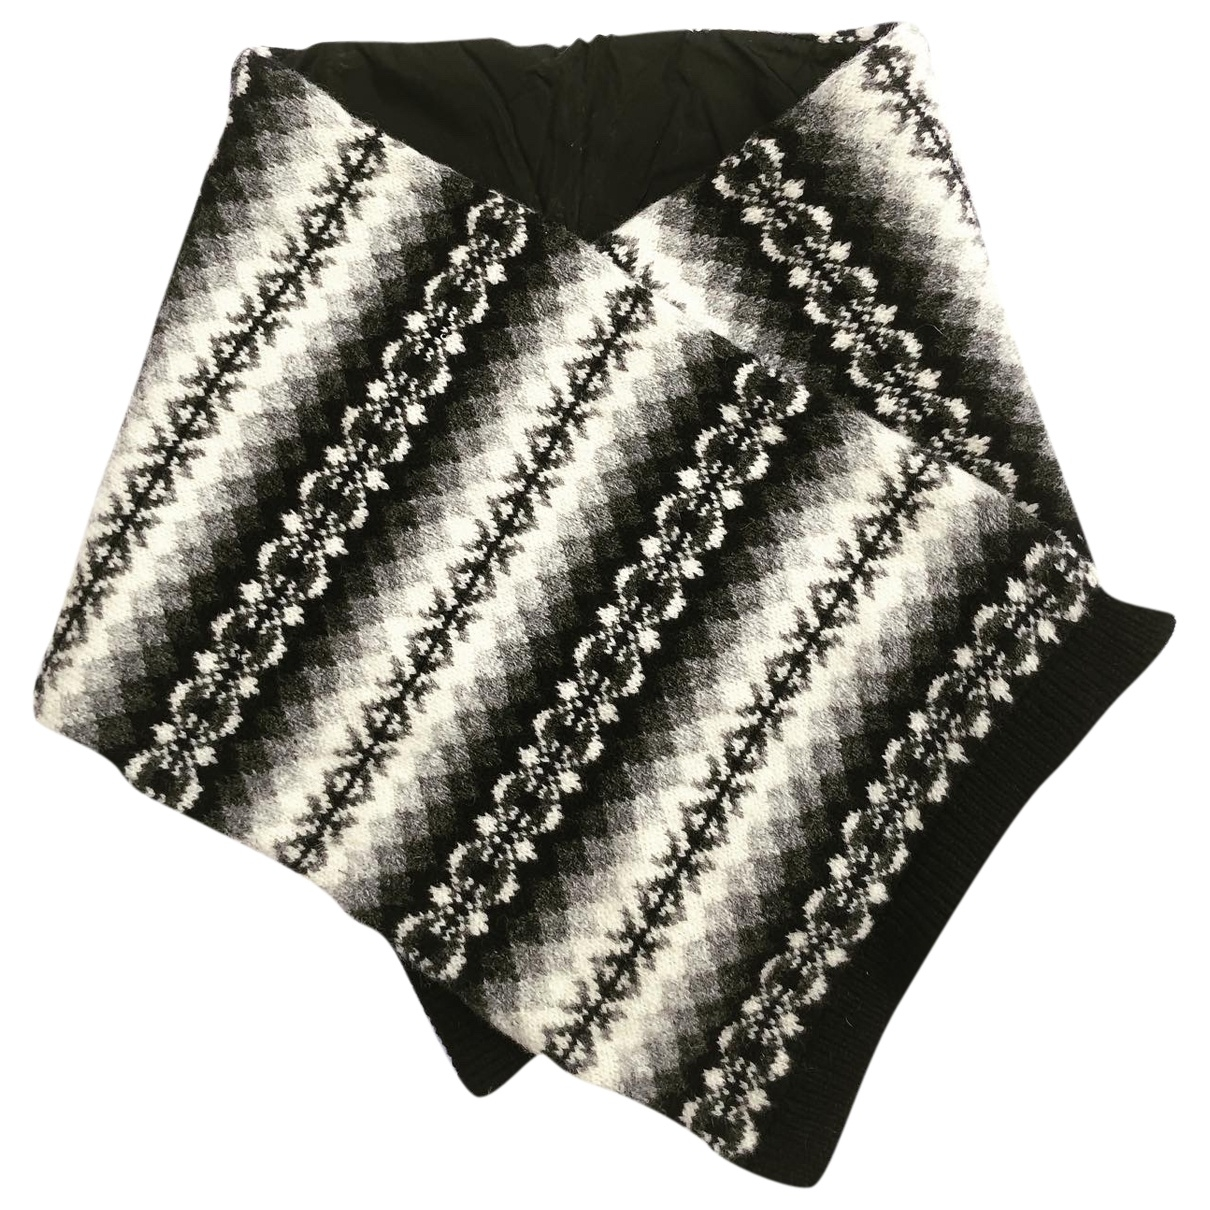 Prada \N Schal in  Schwarz Wolle